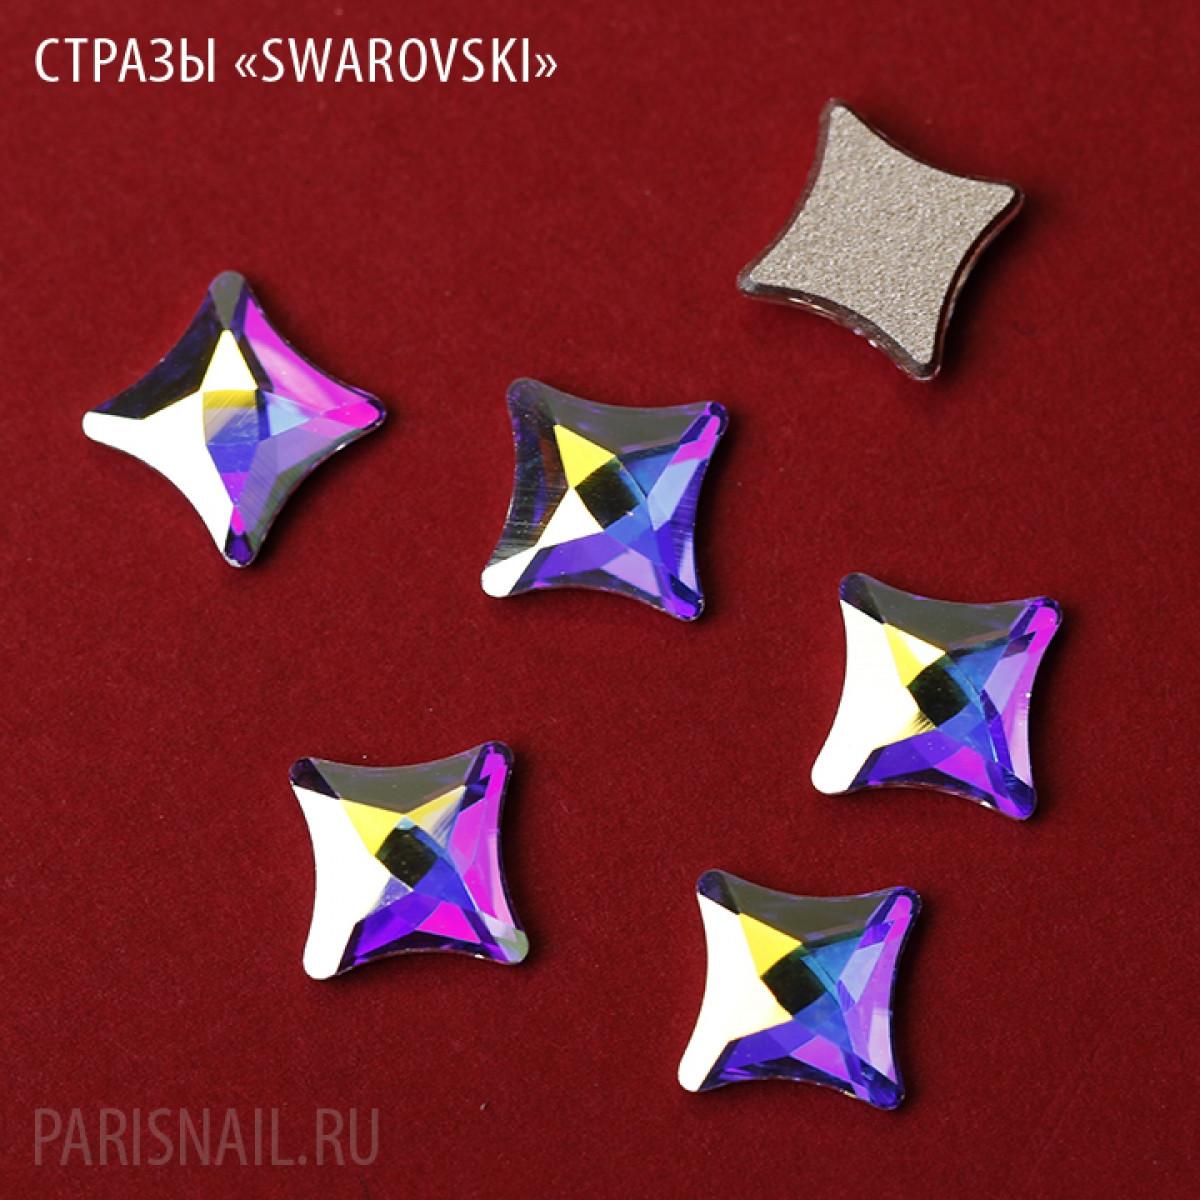 """Стразы """"Swarovski""""  2494 MM 6,0 CRYSTAL АВ F - 1шт"""